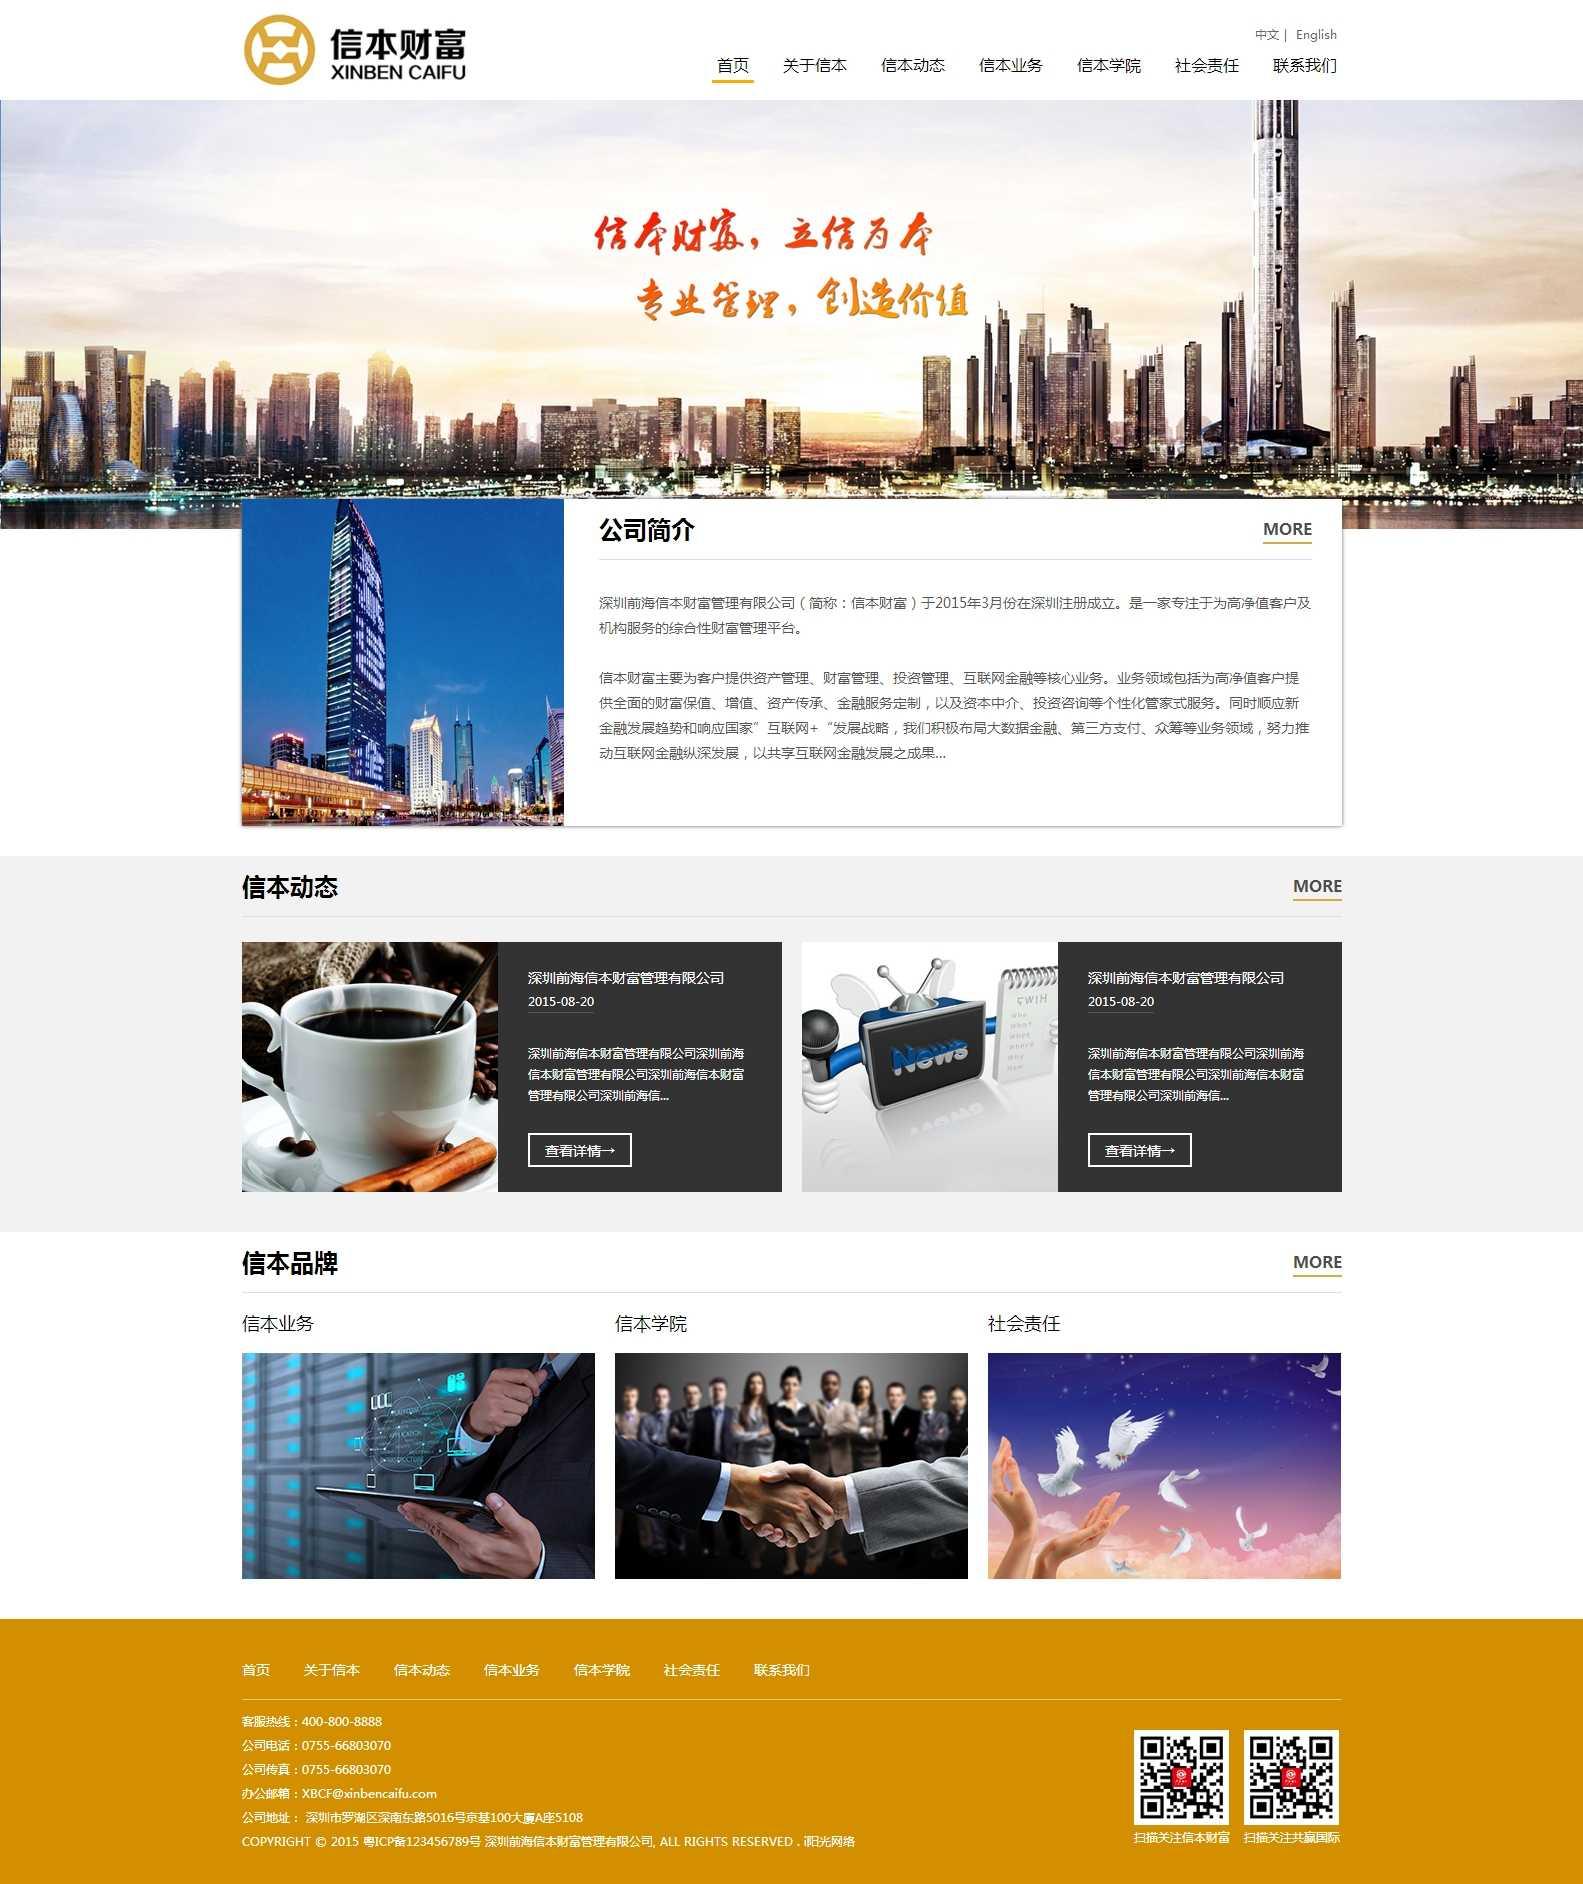 黄色的响应式财富管理网站模板html源码